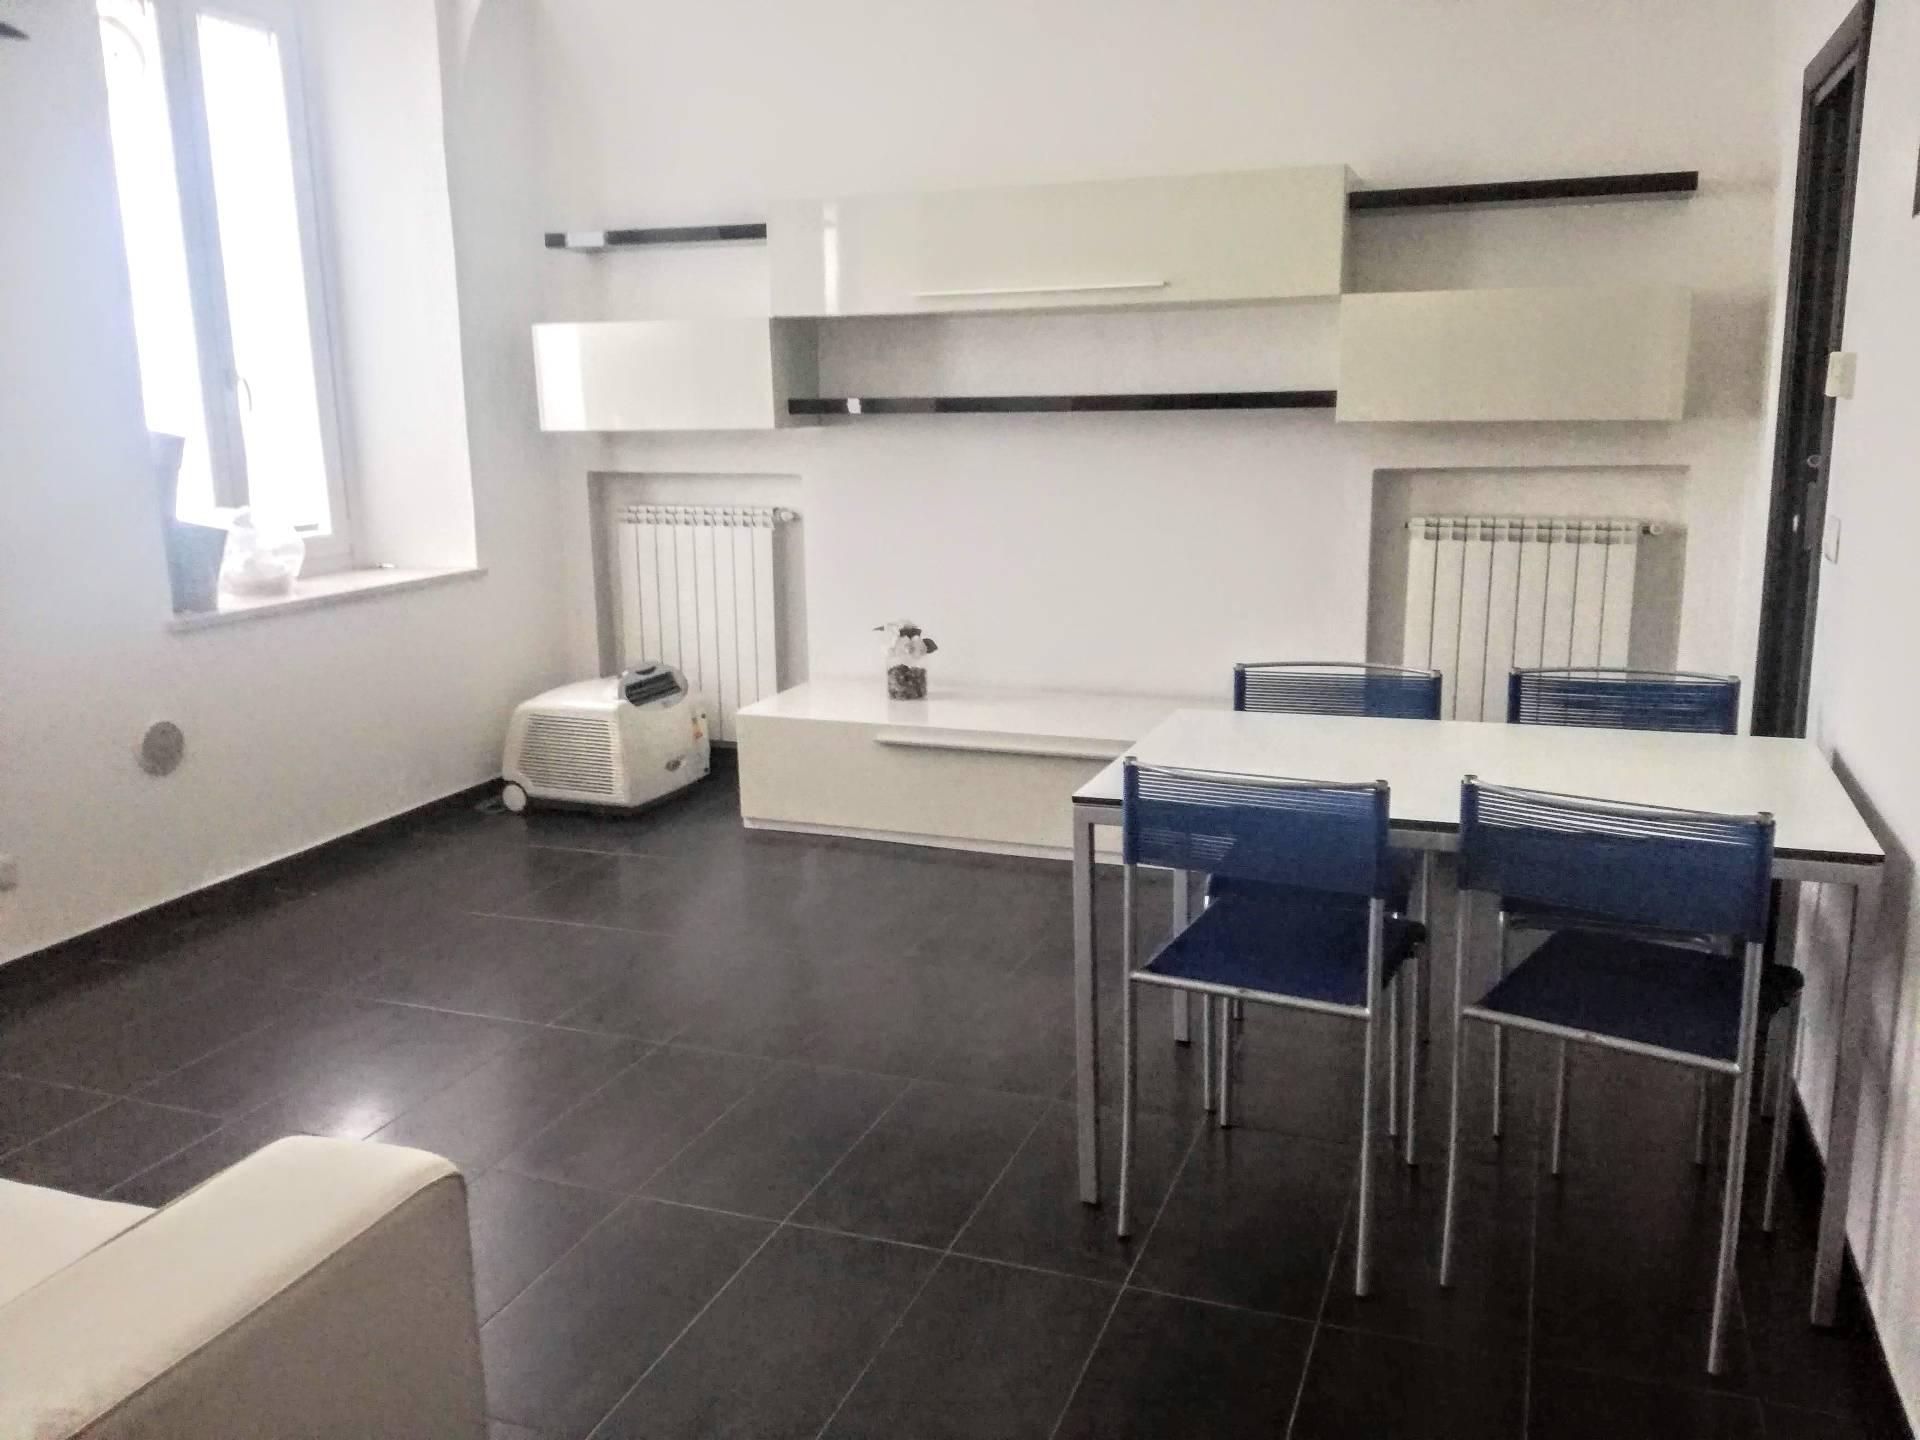 Appartamento in affitto a Casale Monferrato, 2 locali, prezzo € 380 | PortaleAgenzieImmobiliari.it